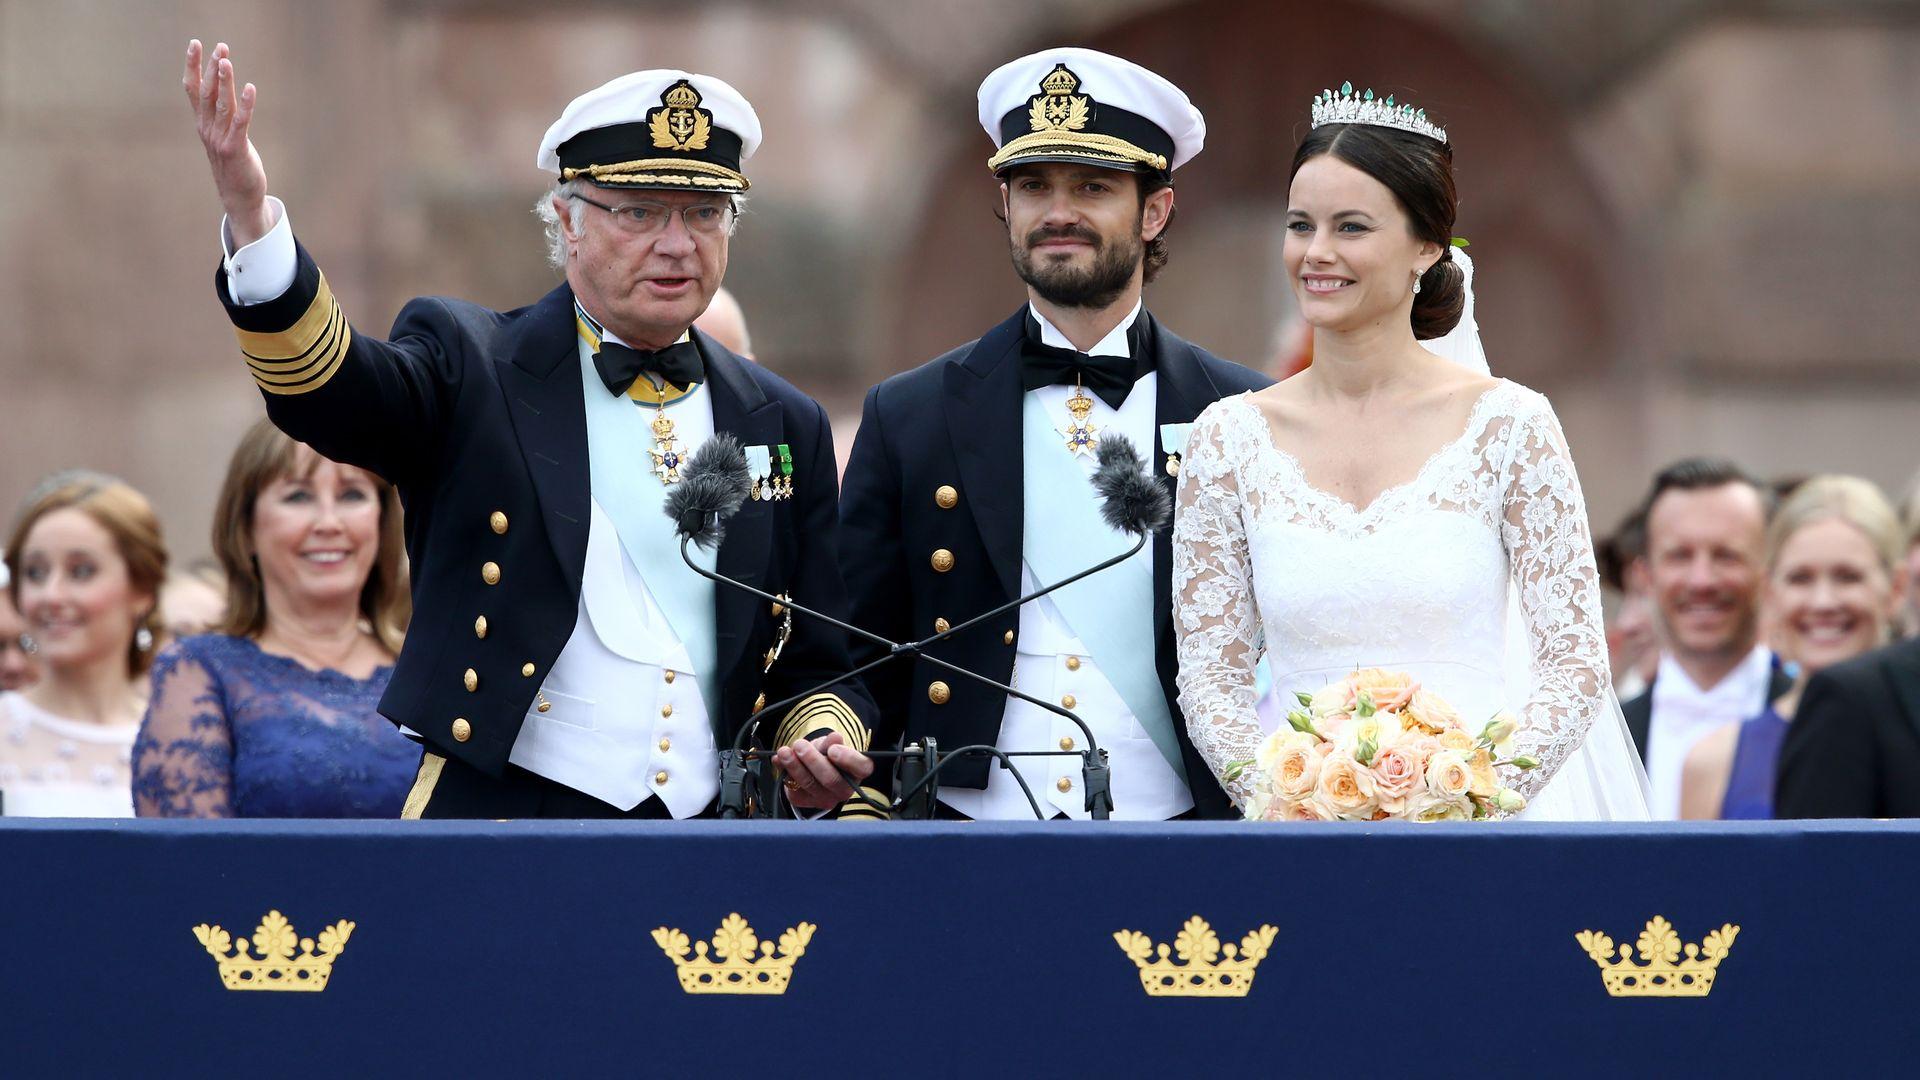 Официальные фото со свадьбы принцессы Мадлен и. - Сплетник 27